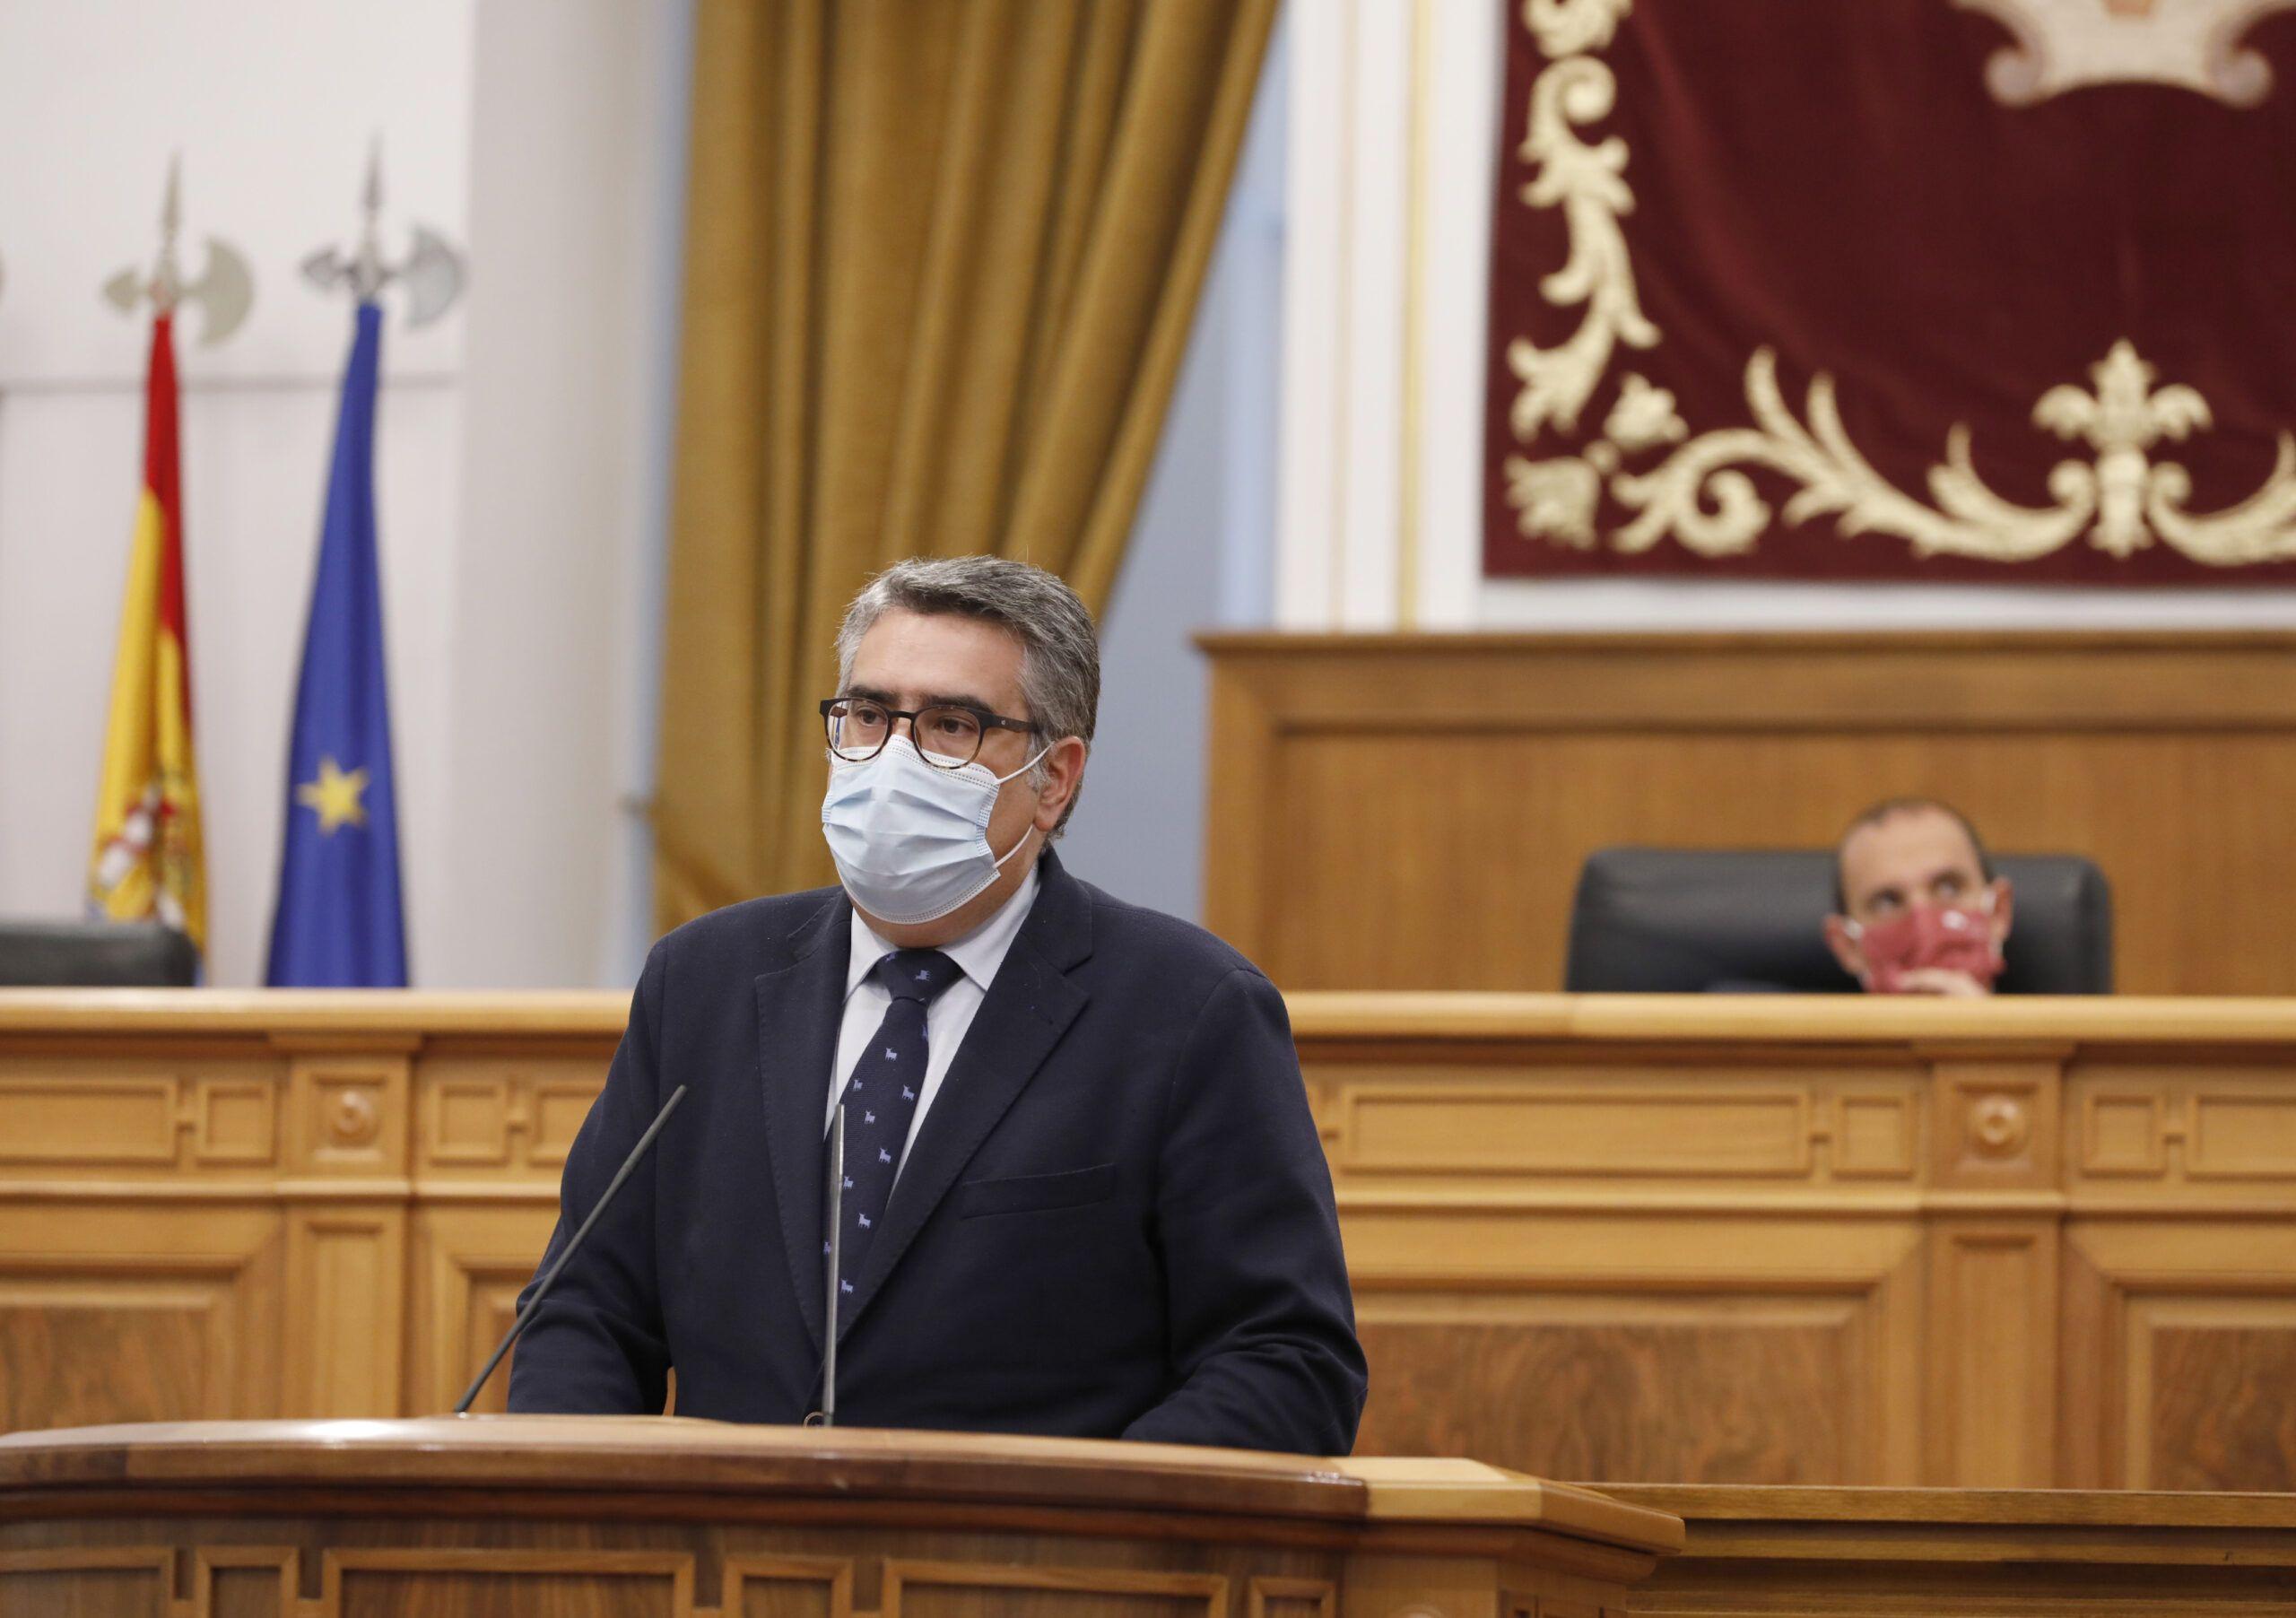 Rodríguez pide a Page y a Sánchez que no aprovechen la pandemia para cargase el servicio de transporte público en Castilla-La Mancha